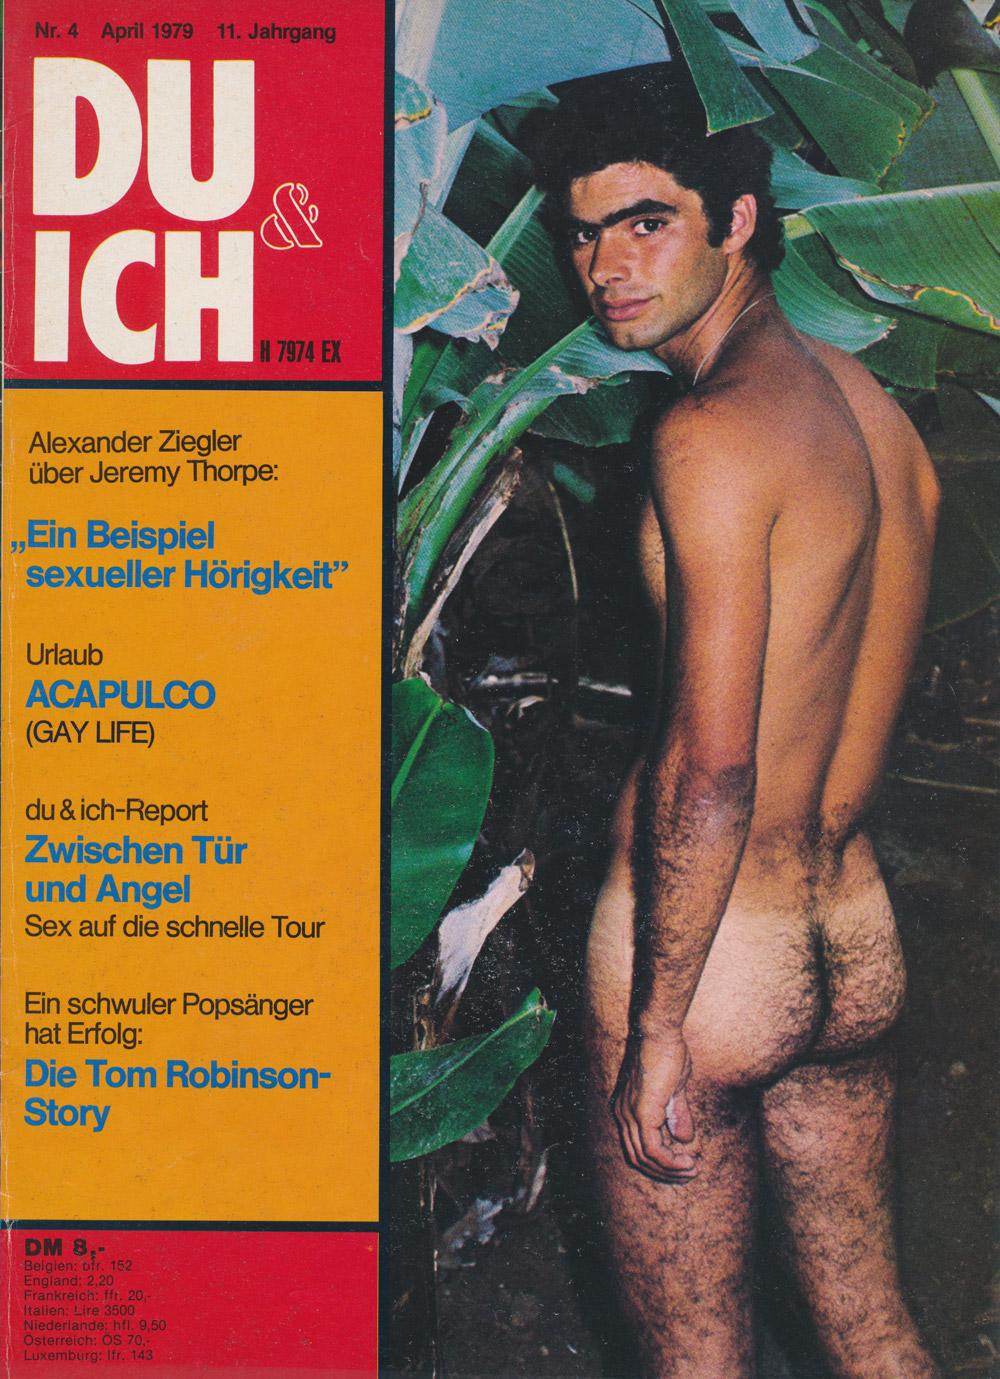 Du & Ich Nr 4, 1979, Titelseite